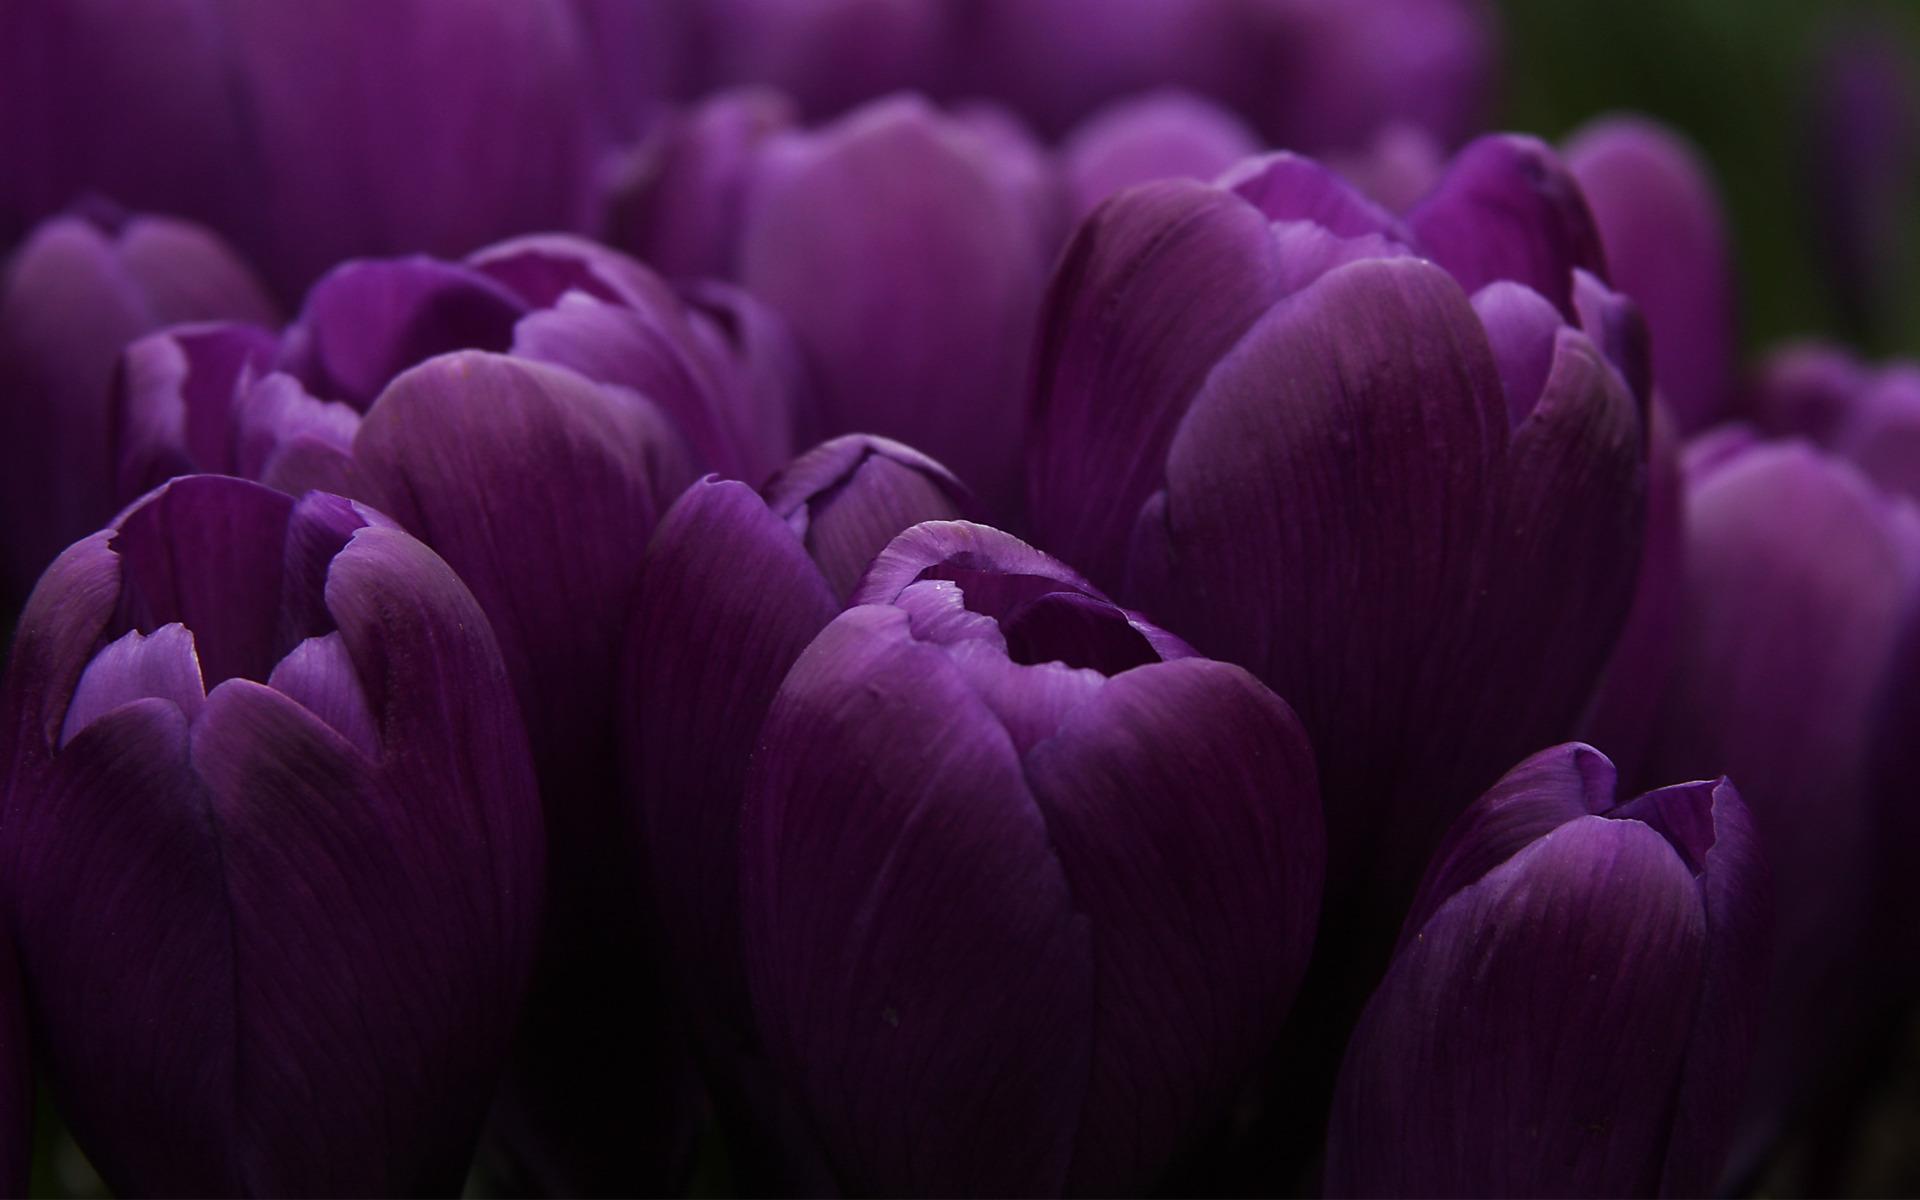 Тюльпаны картинки на рабочий стол, поздравления днем